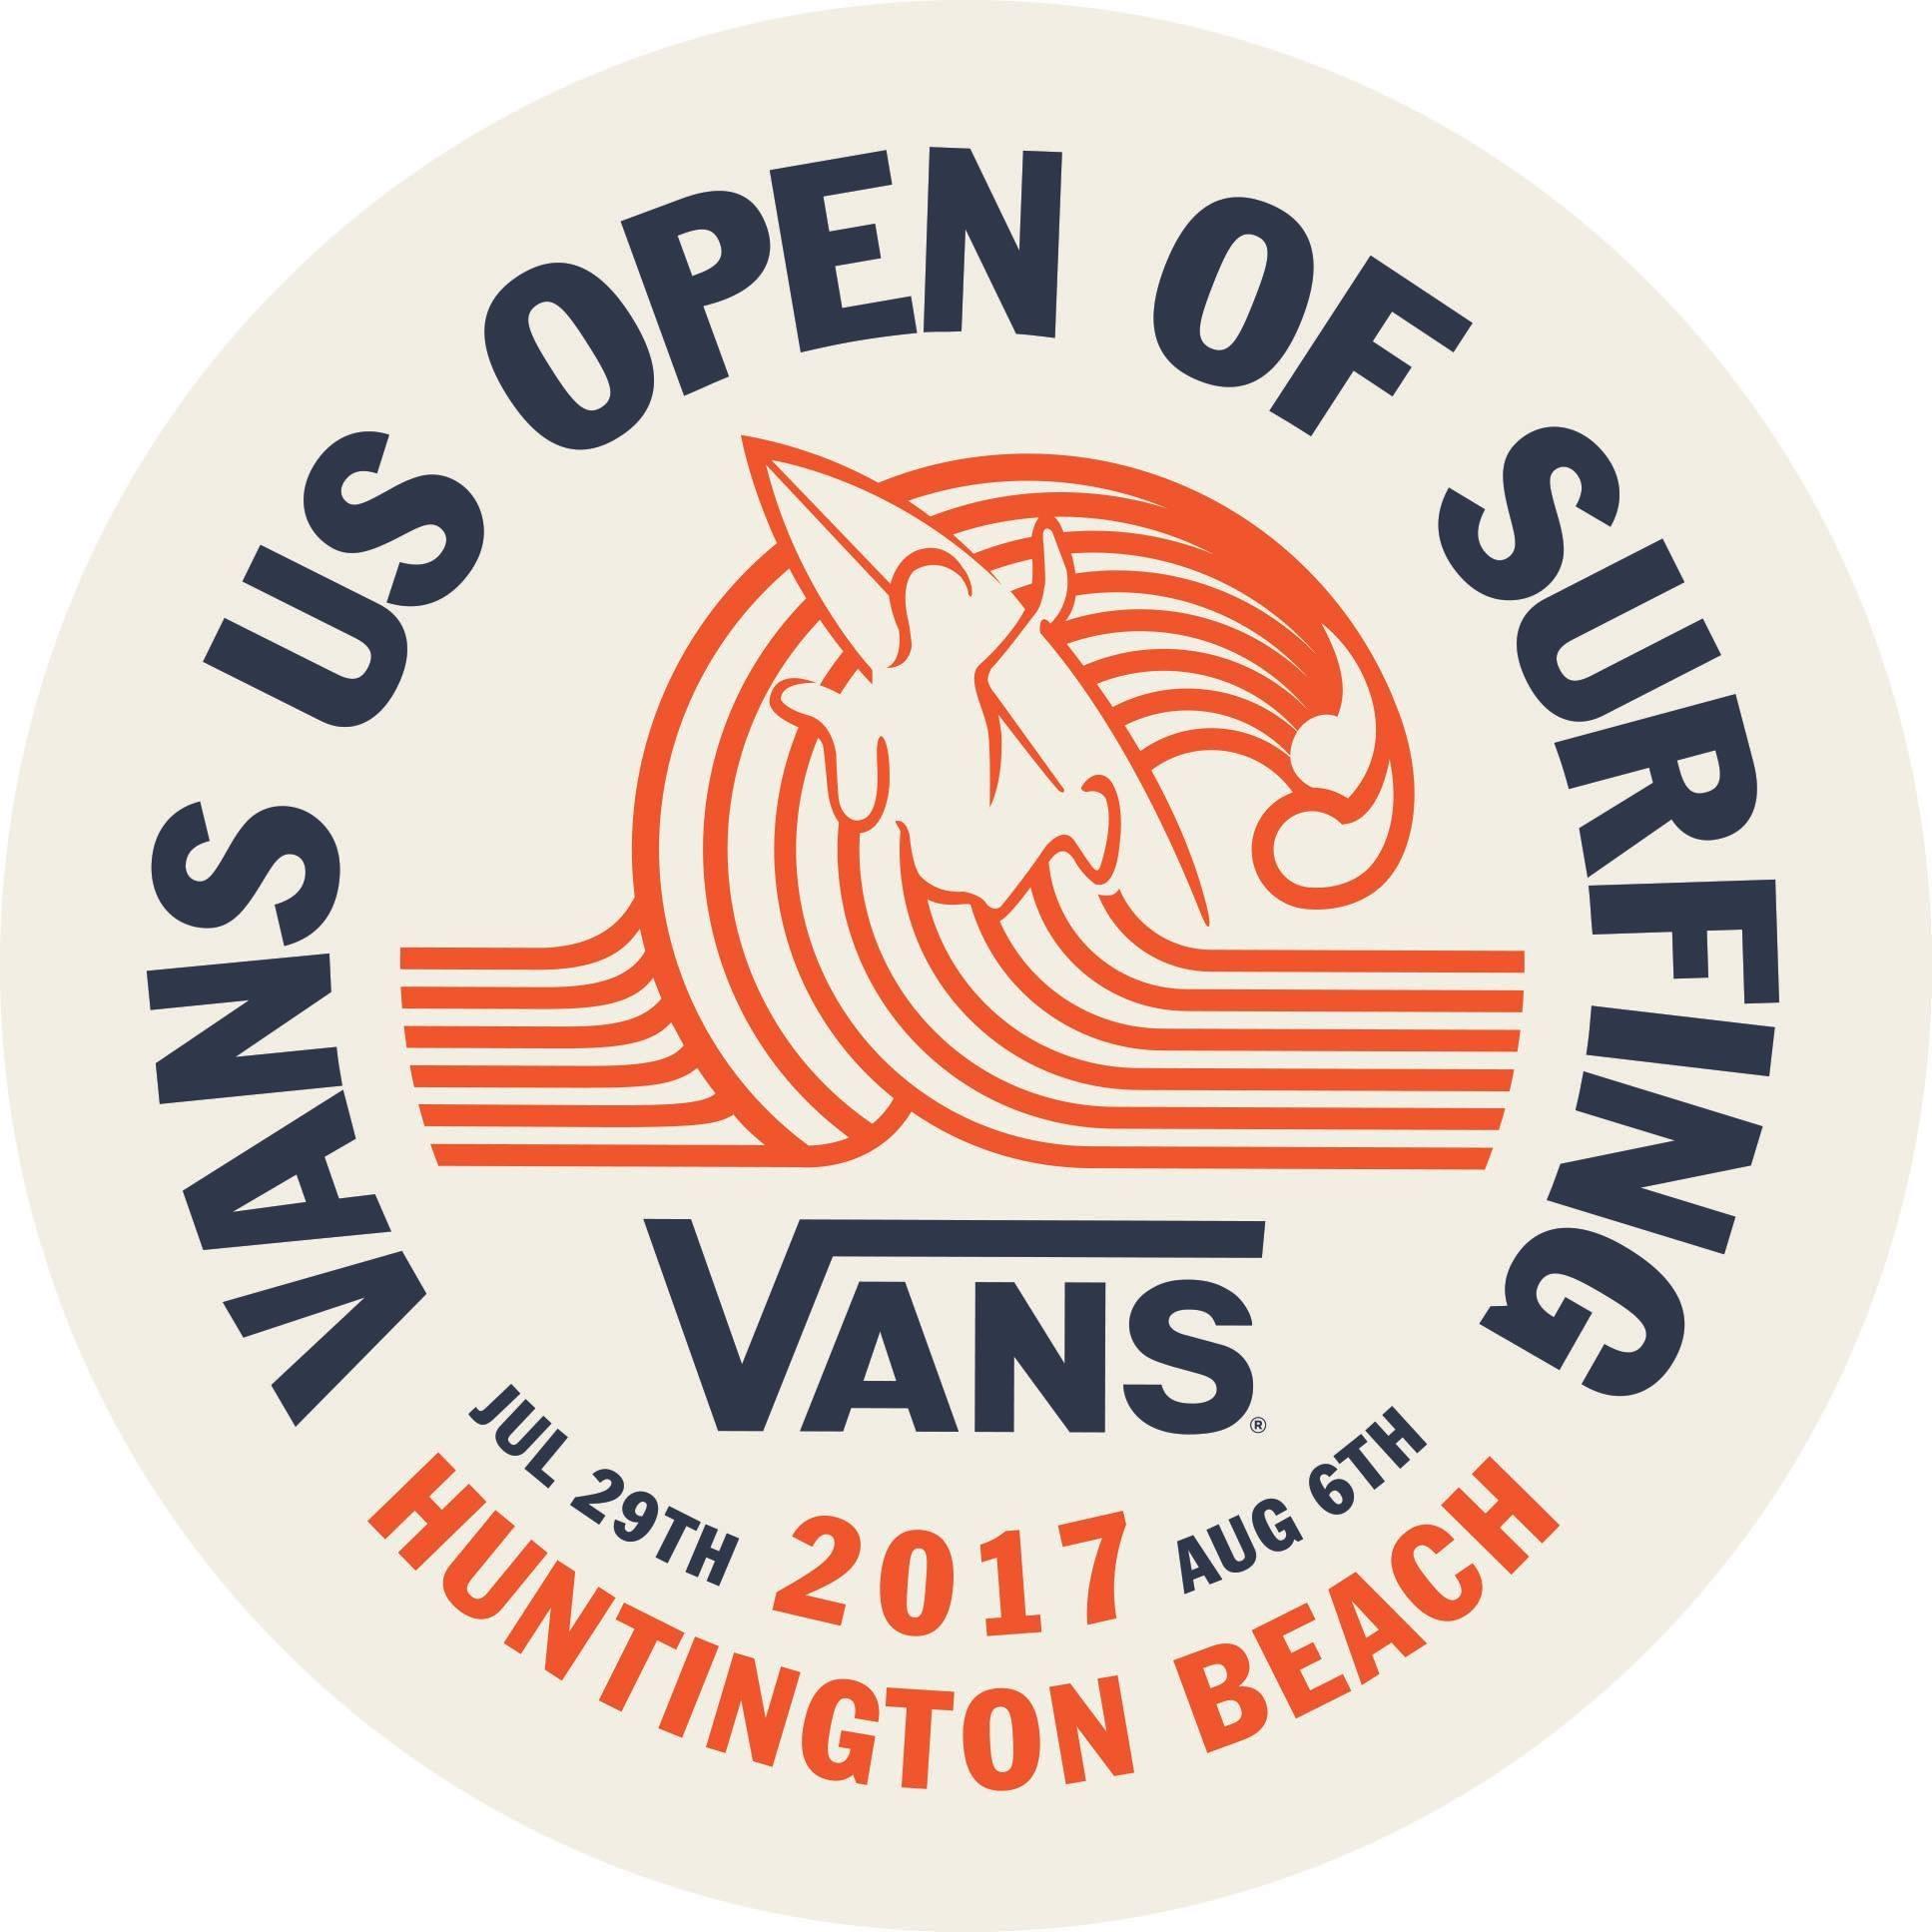 vans us open